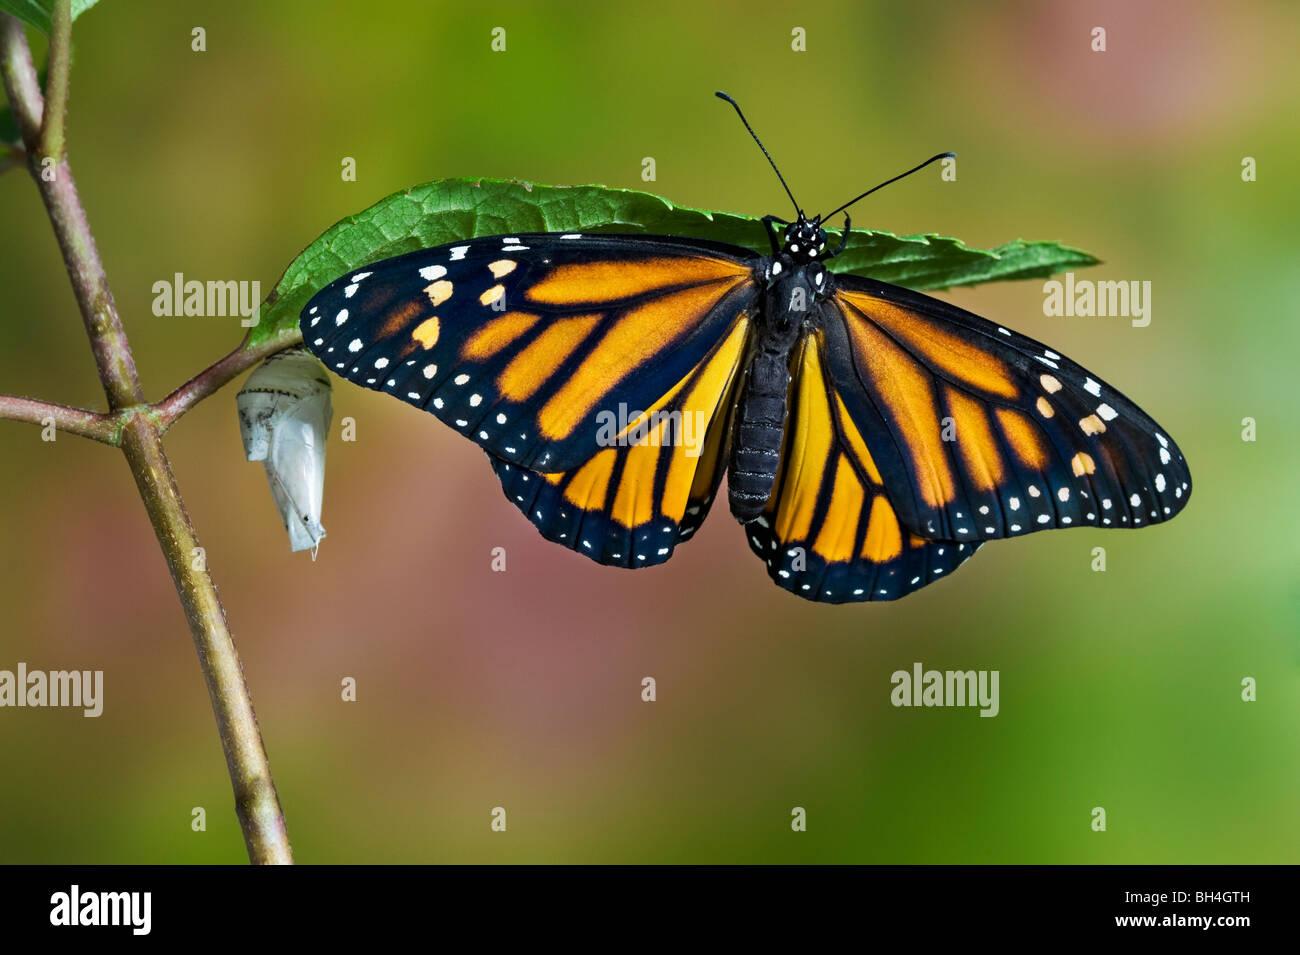 Monarch-Schmetterling Erwachsenen entstand aus Cocoon auf Blatt neben leeren Puppe trocknen Flügel, Nova Scotia. Stockbild